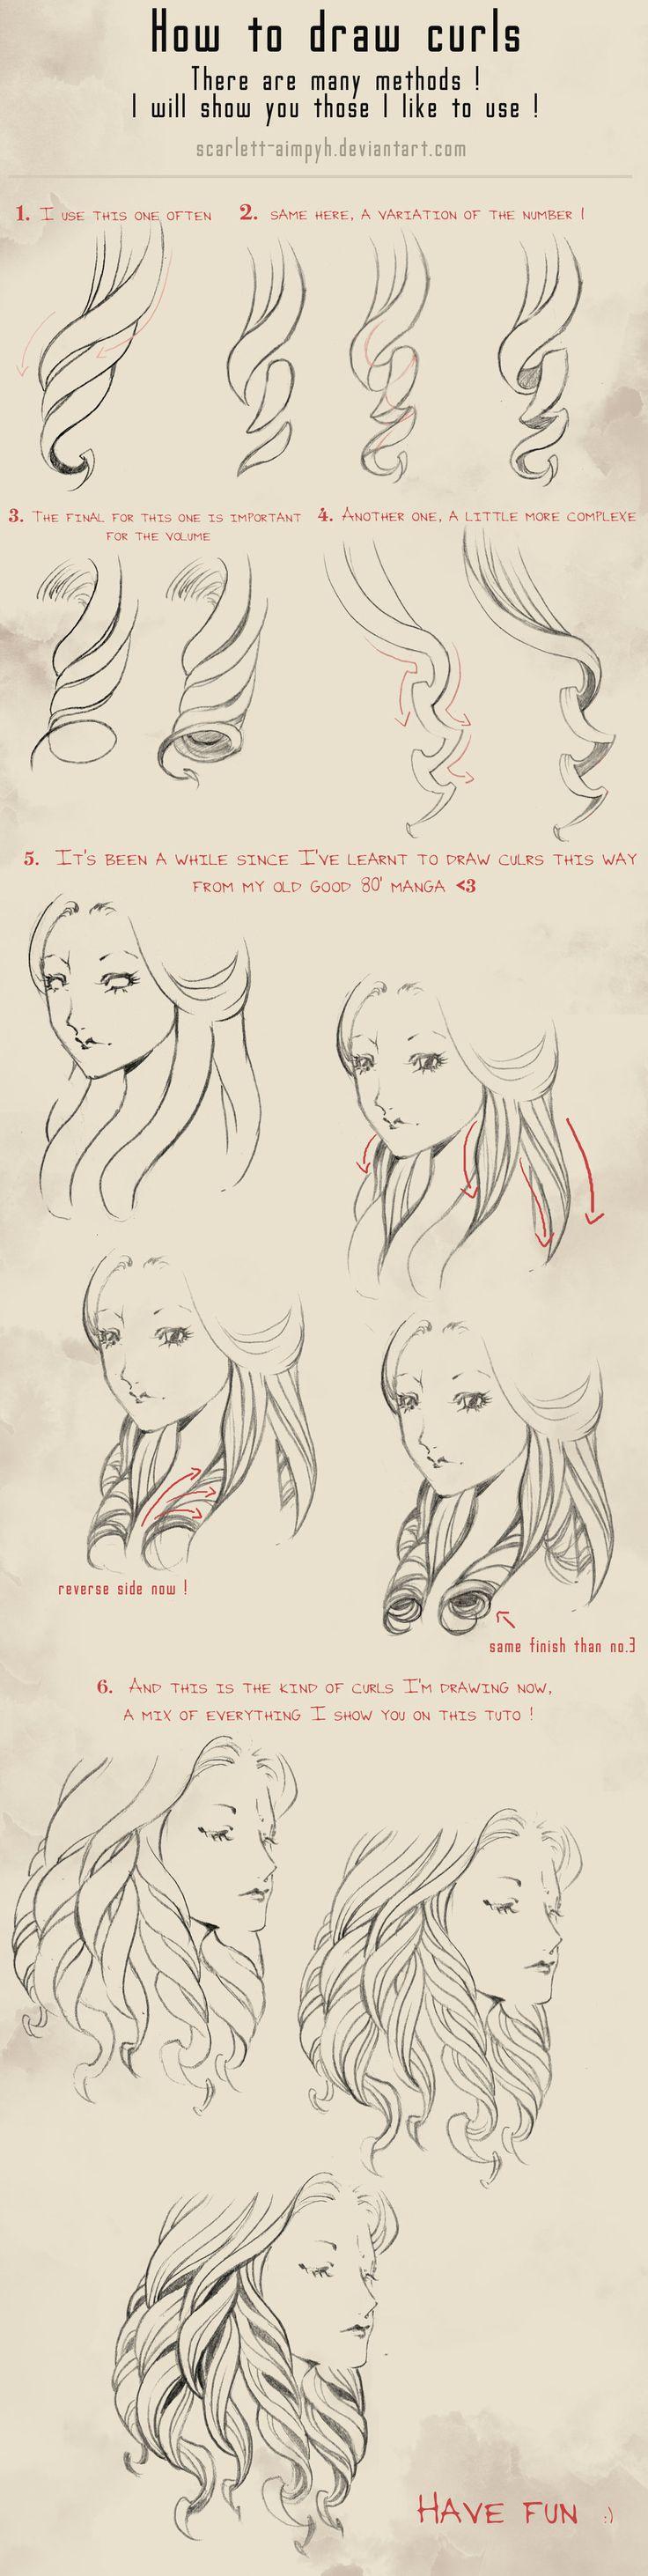 114 - How to draw curlsby Scarlett-Aimpyh